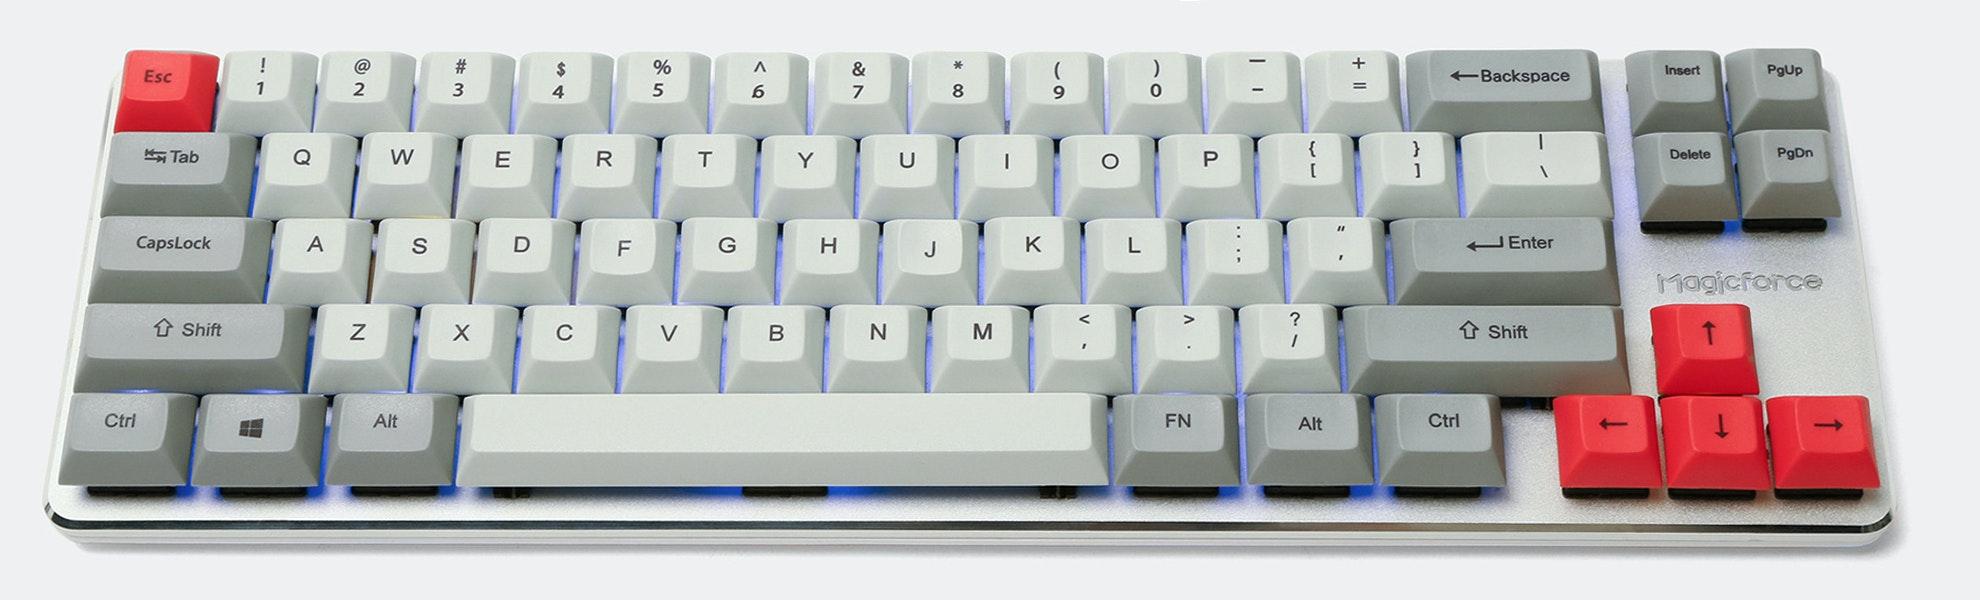 Magicforce 68-Key Mini Mechanical Keyboard